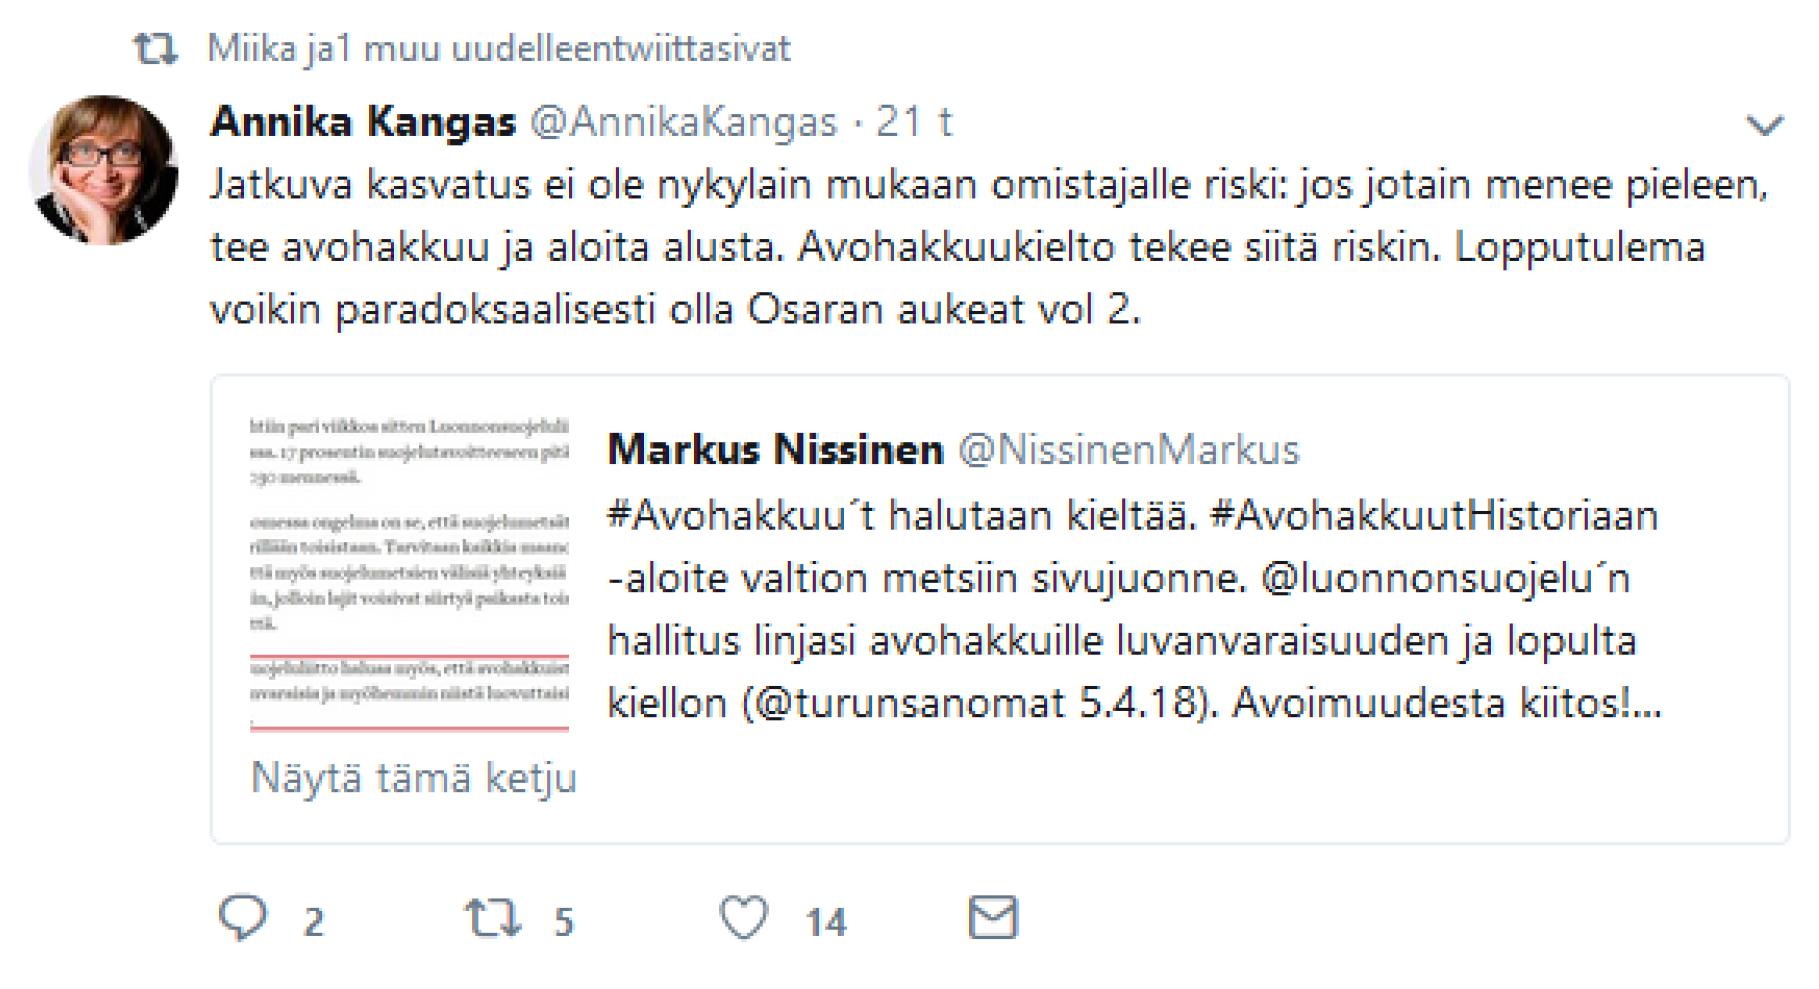 Annika Kankaan twiitti 23.5.2018